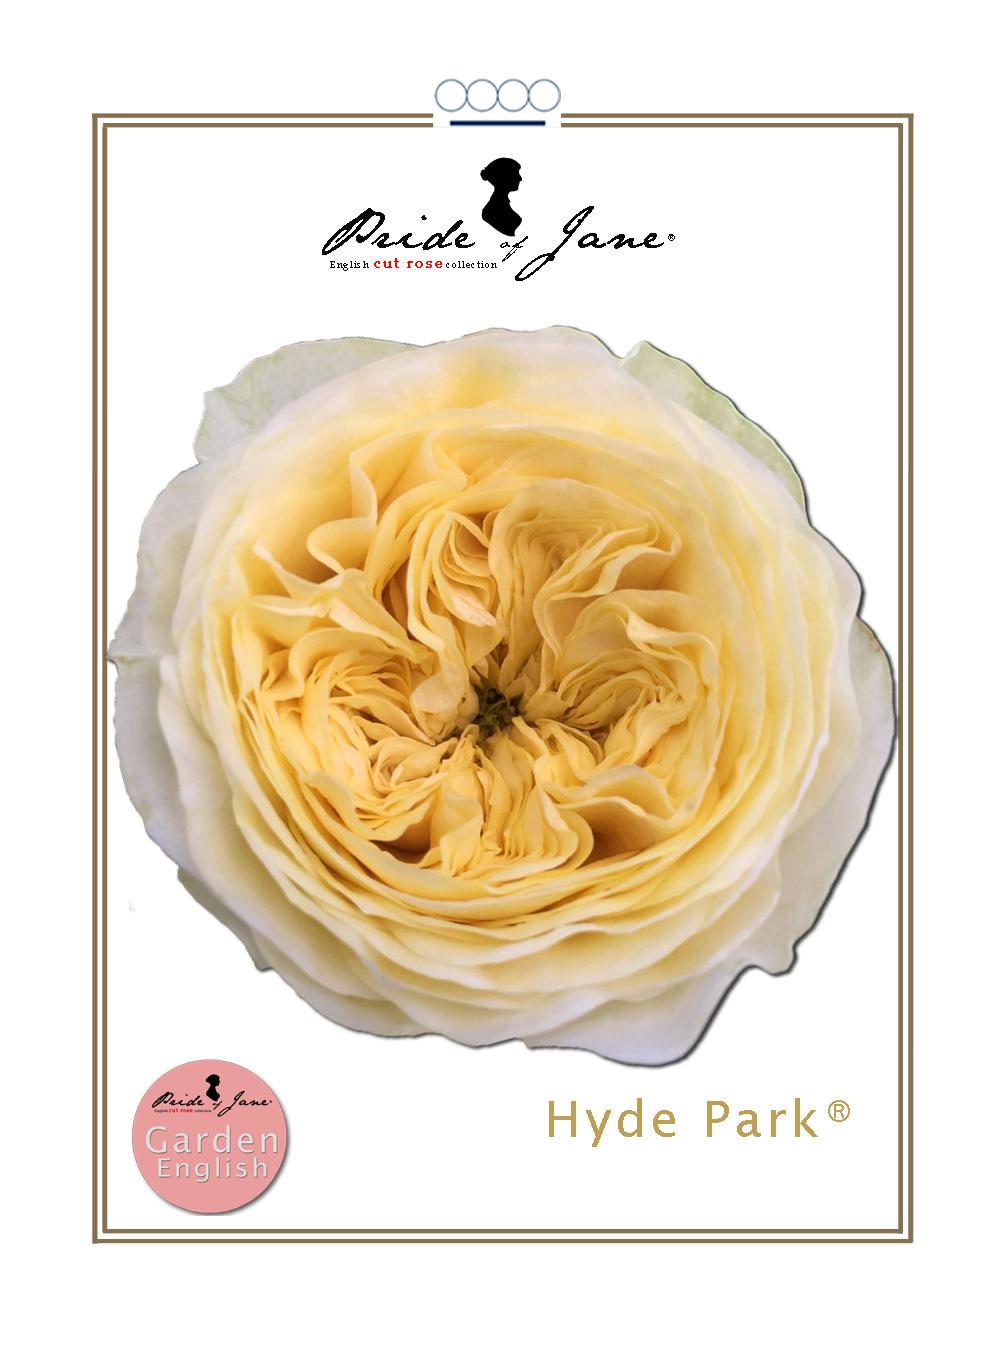 Hydepark®